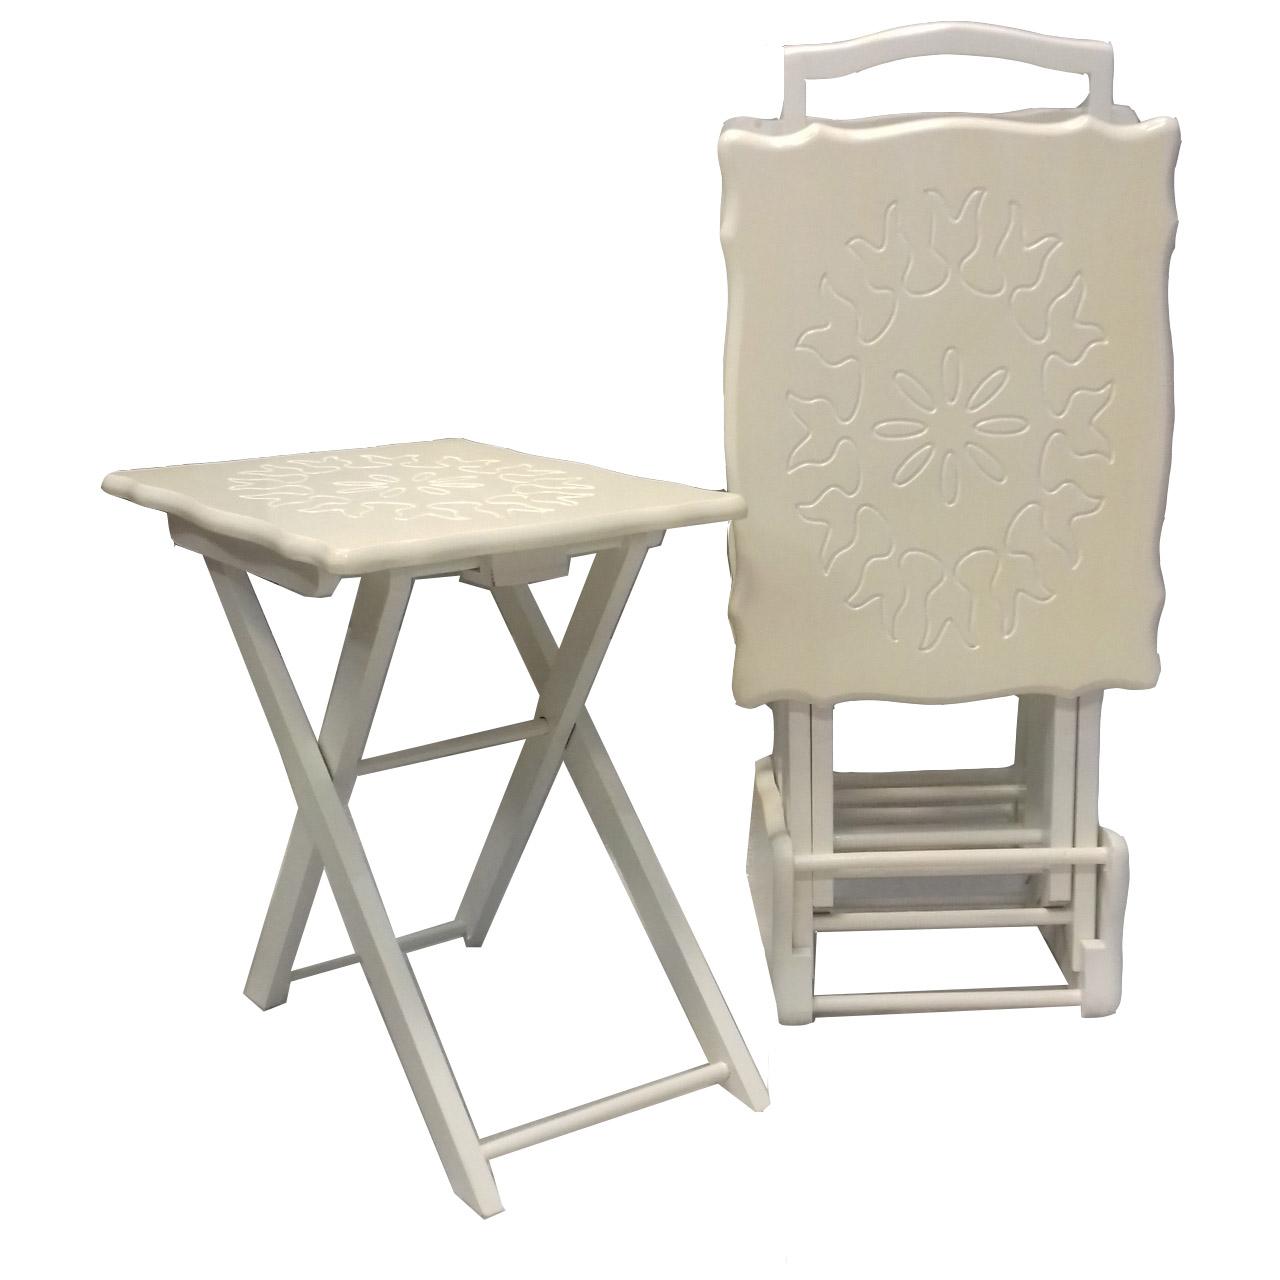 قیمت خرید میز عسلی کد classic tp432 مجموعه چهار عددی اورجینال